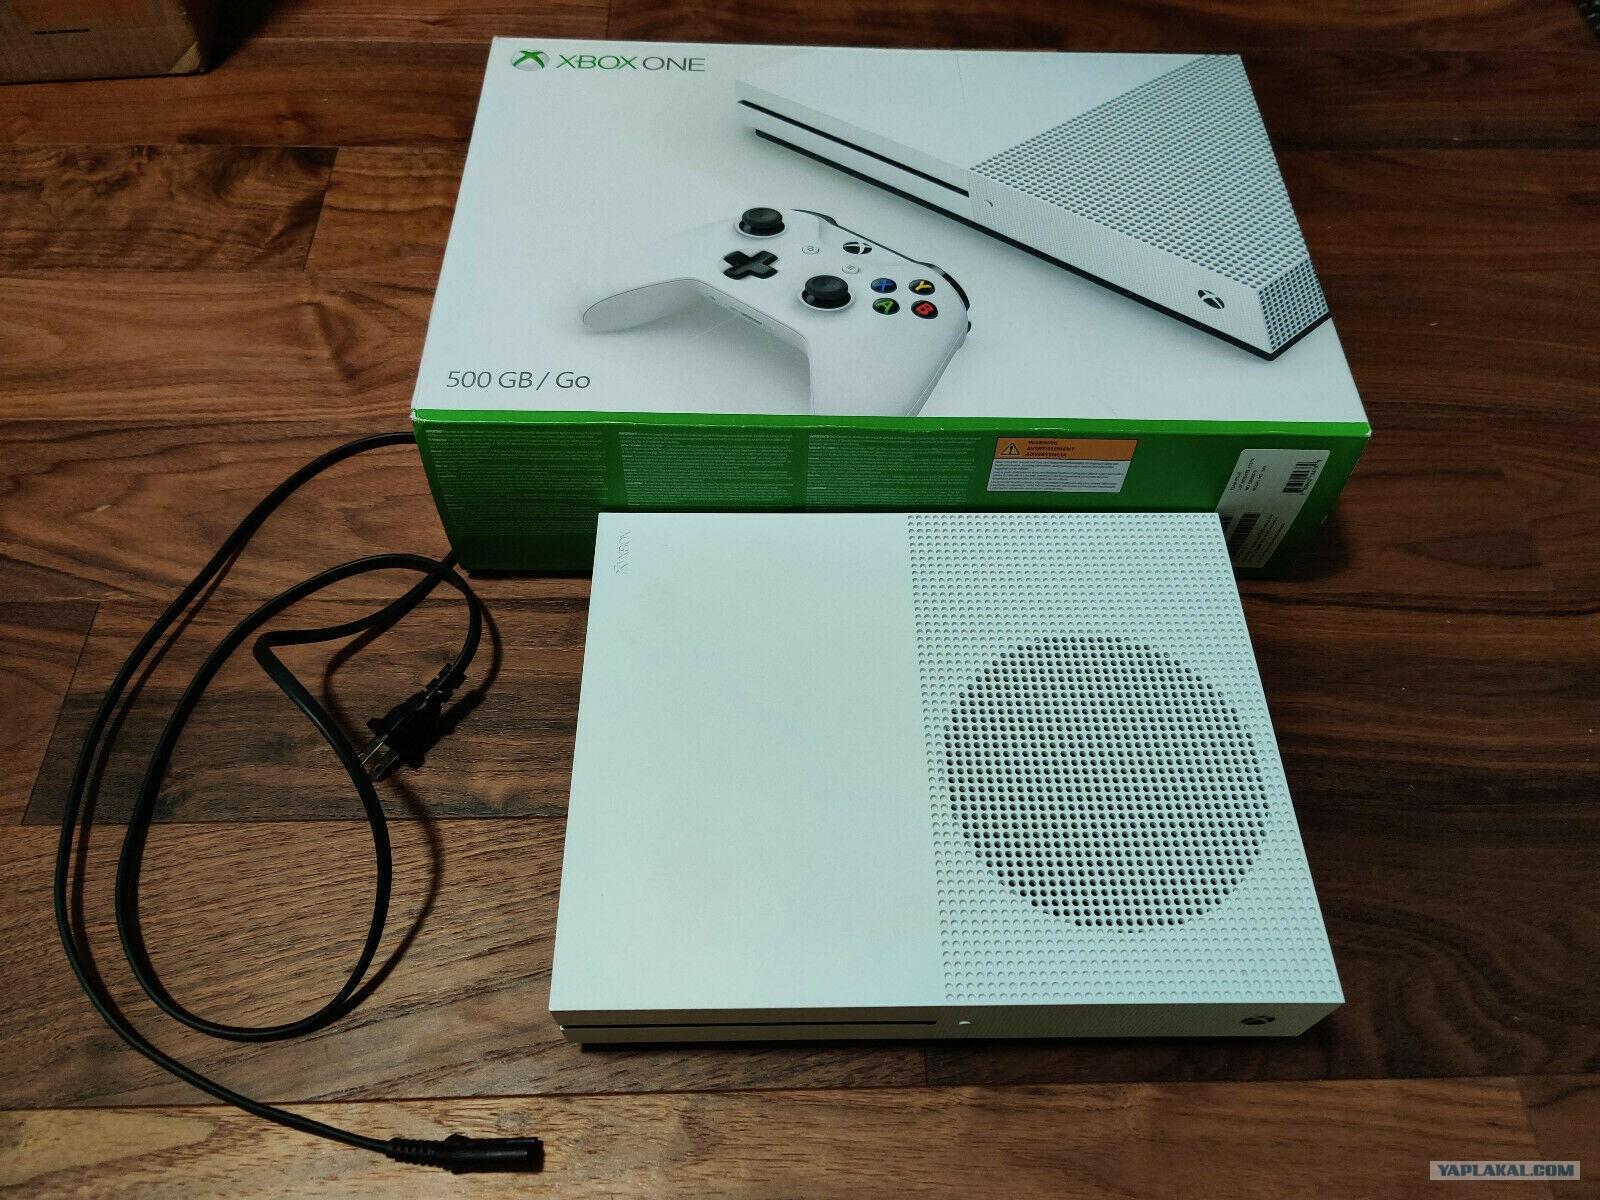 Xbox ONE S 500GB белый, идеал сост. мало бу Москва - ЯПлакалъ